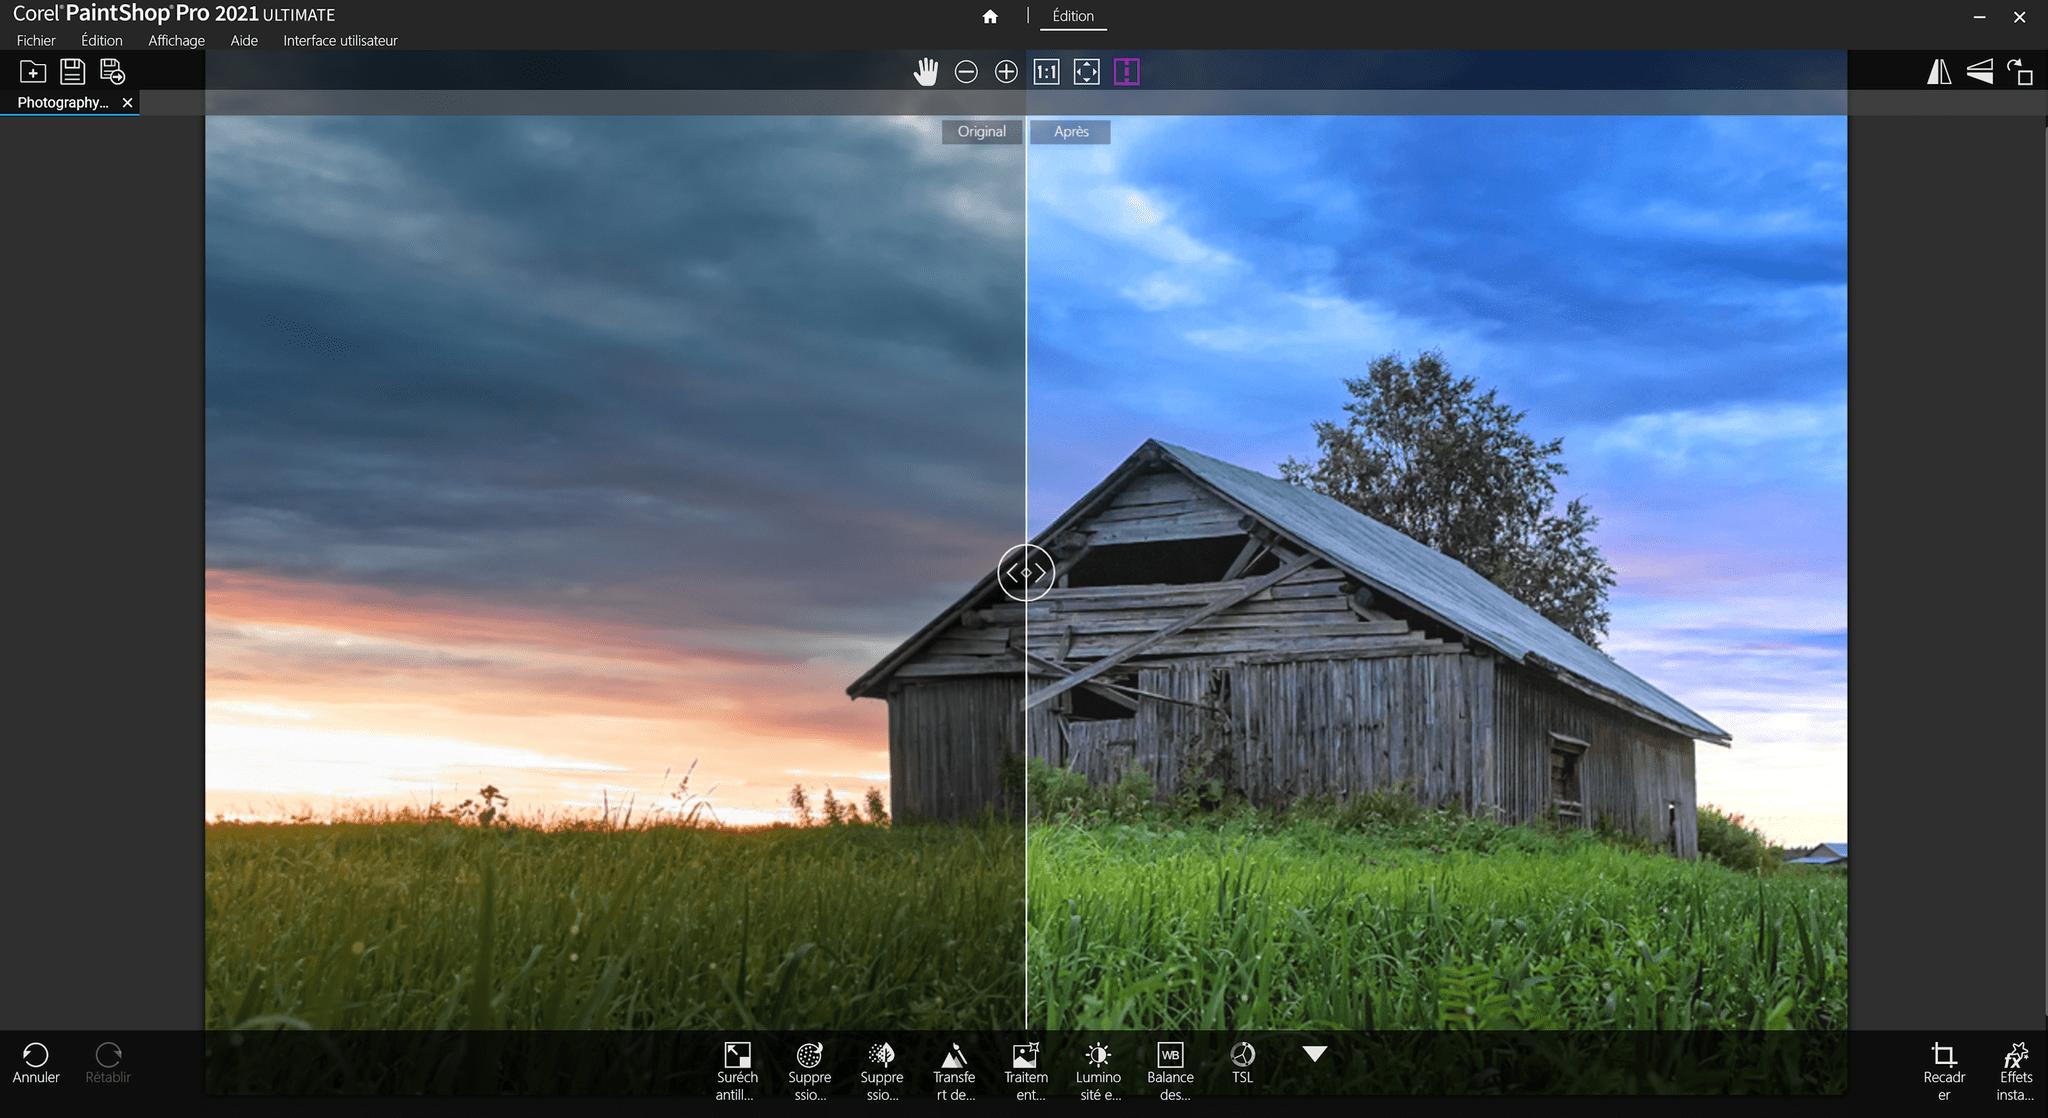 PaintShop Pro 2021: Nouvelle version du logiciel de retouche photo de Corel